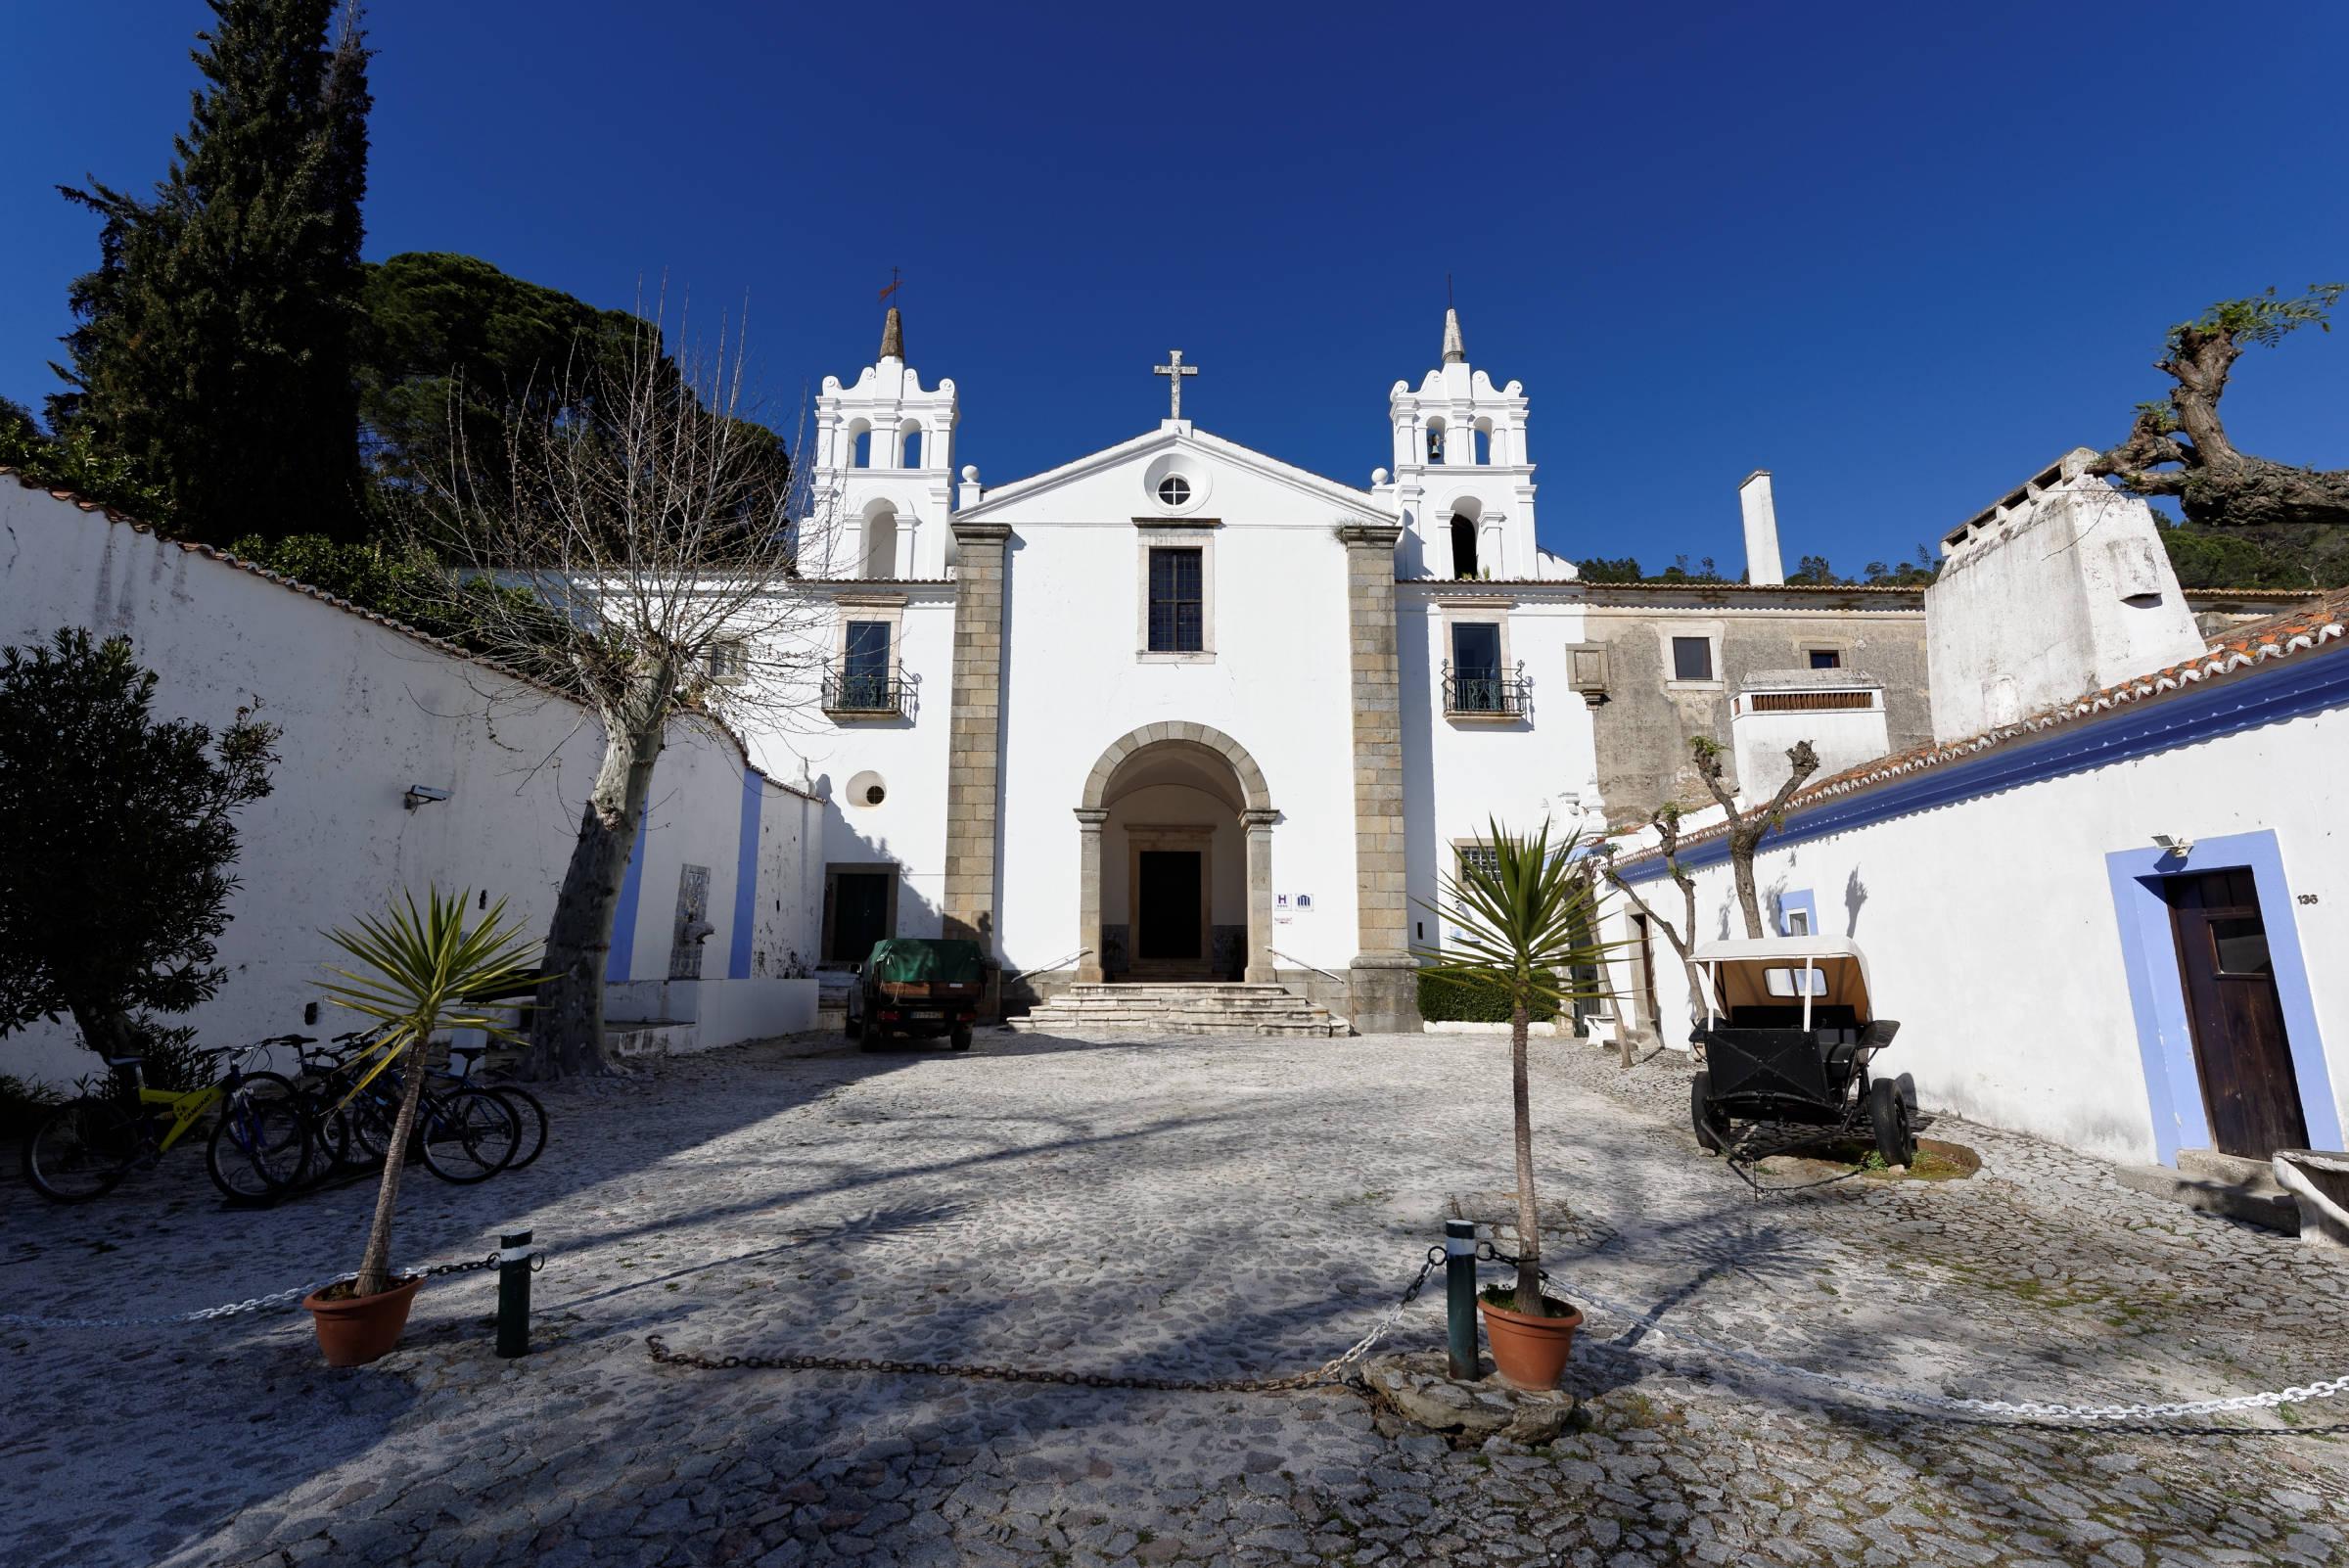 160407-Convento de sao paulo (Alentero Portugal) (102)